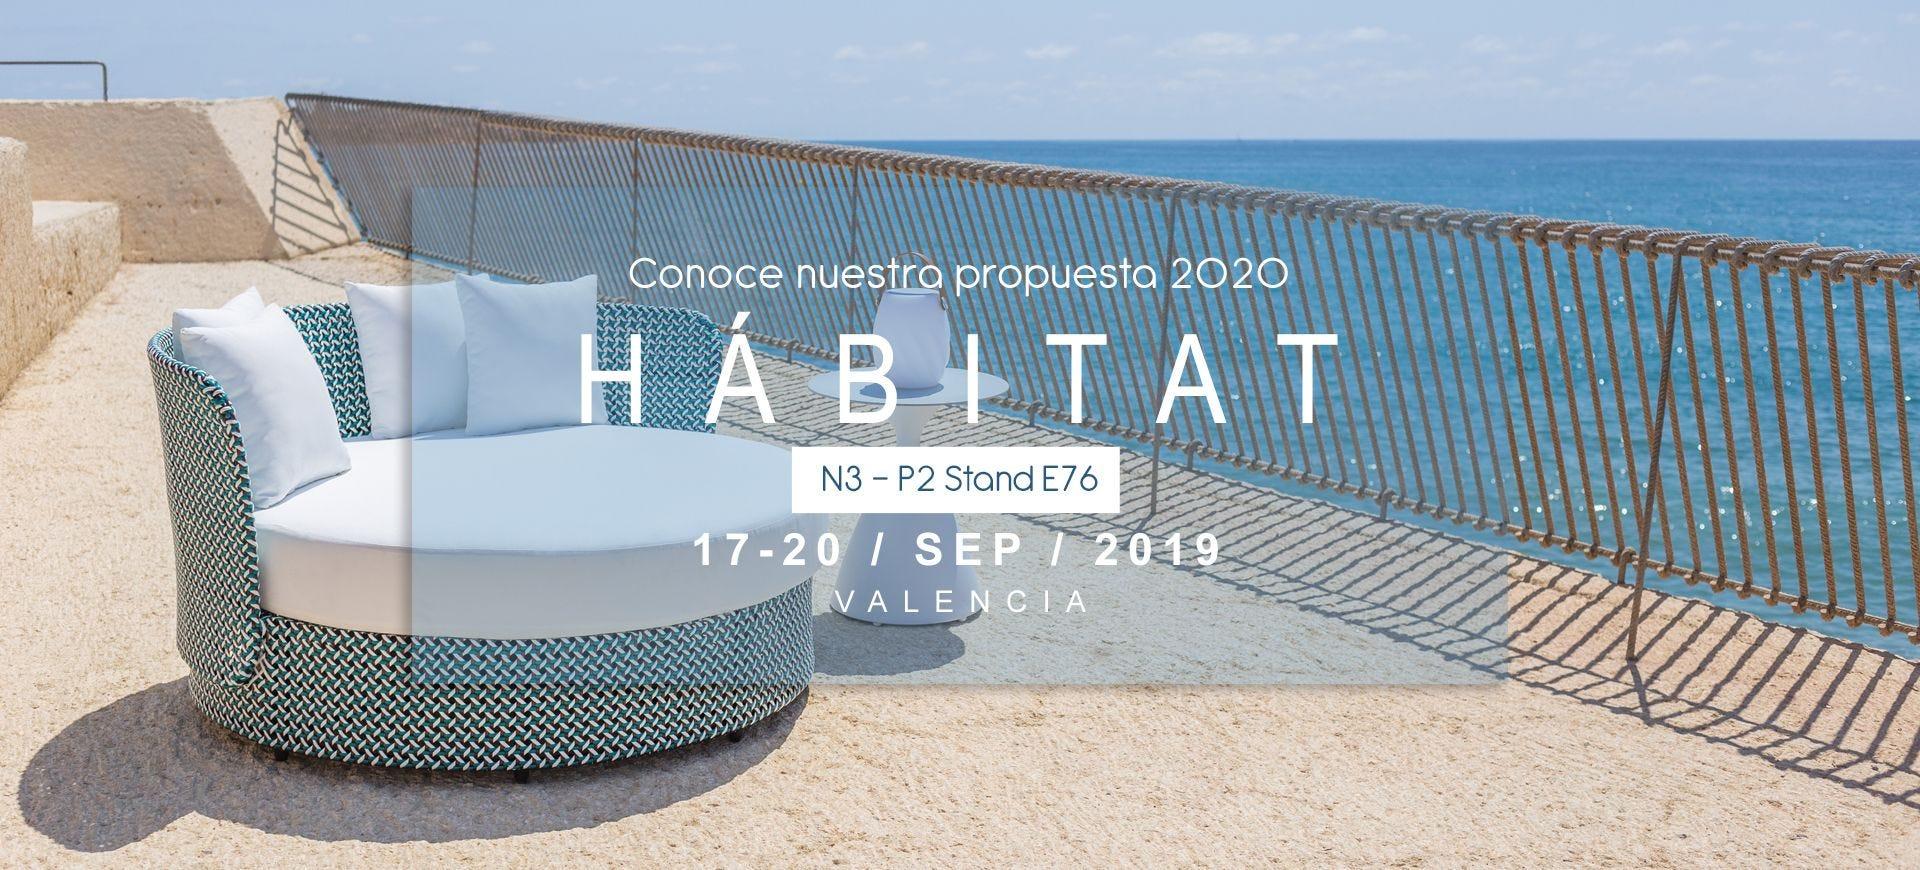 Feria Habitat | LDK Garden